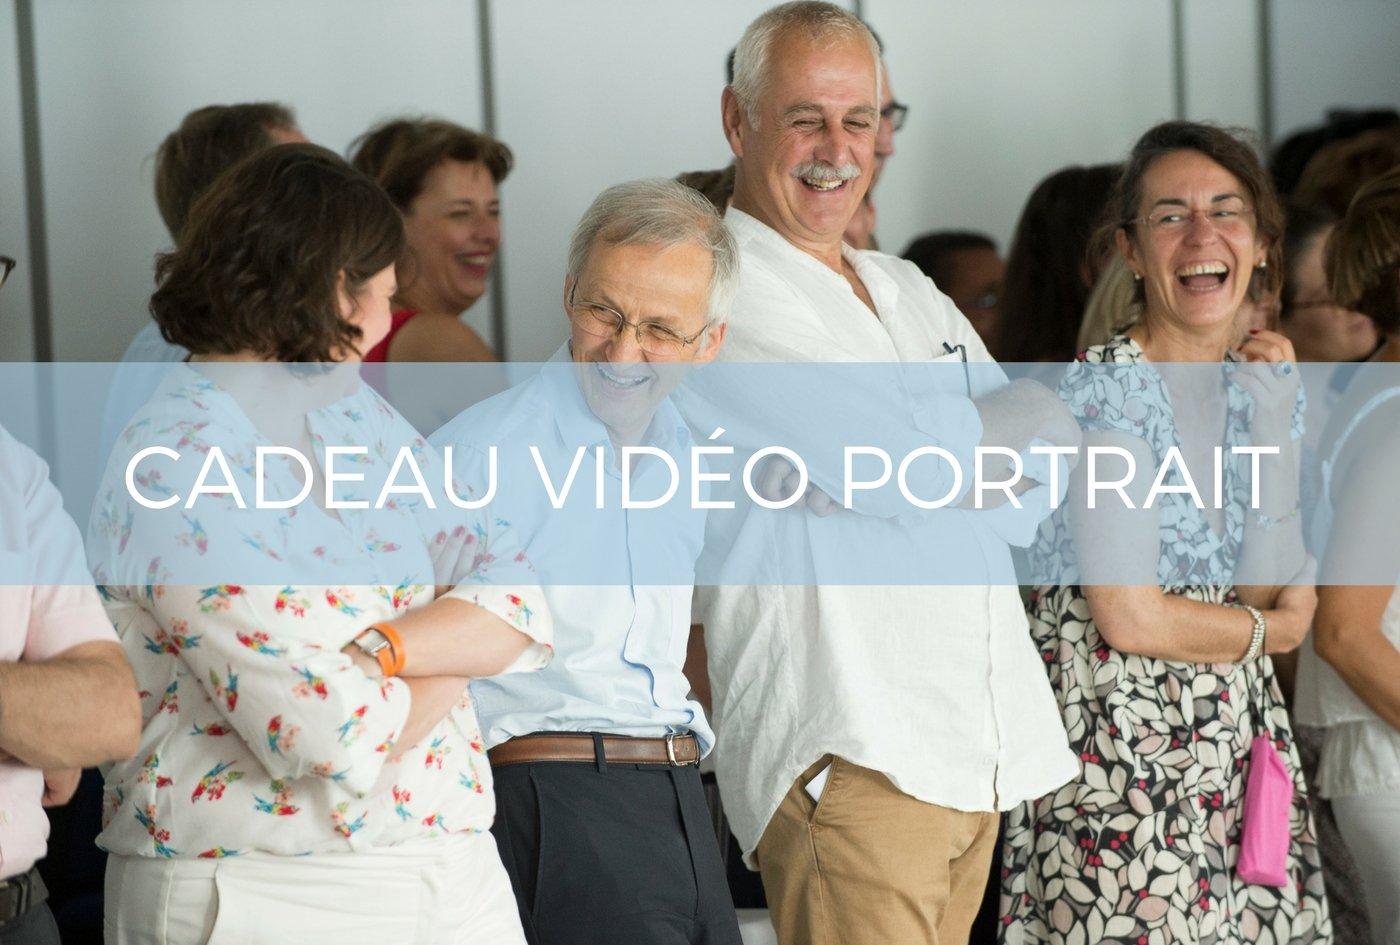 idée cadeau collègue cadeau vidéo retraite départ collègue film vidéo original souvenirs carrière célébration team building